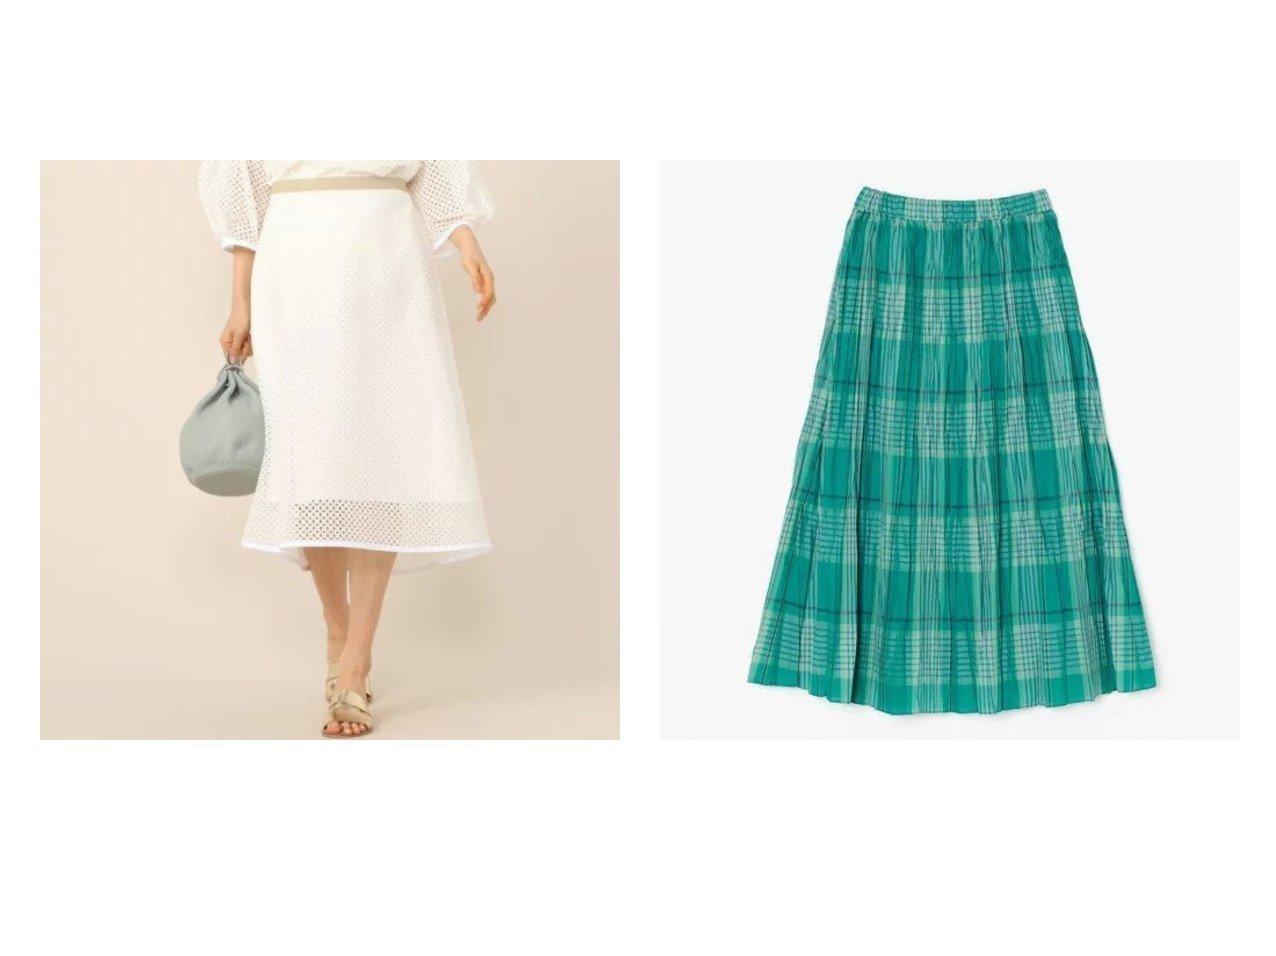 【NOLLEY'S/ノーリーズ】のスクエア刺繍Aラインスカート&【LE GLAZIK/ル グラジック】のプリーツマキシスカート 【スカート】おすすめ!人気、トレンド・レディースファッションの通販   おすすめで人気の流行・トレンド、ファッションの通販商品 メンズファッション・キッズファッション・インテリア・家具・レディースファッション・服の通販 founy(ファニー) https://founy.com/ ファッション Fashion レディースファッション WOMEN スカート Skirt Aライン/フレアスカート Flared A-Line Skirts エレガント スクエア セットアップ マキシ ロング ヴィンテージ |ID:crp329100000026869